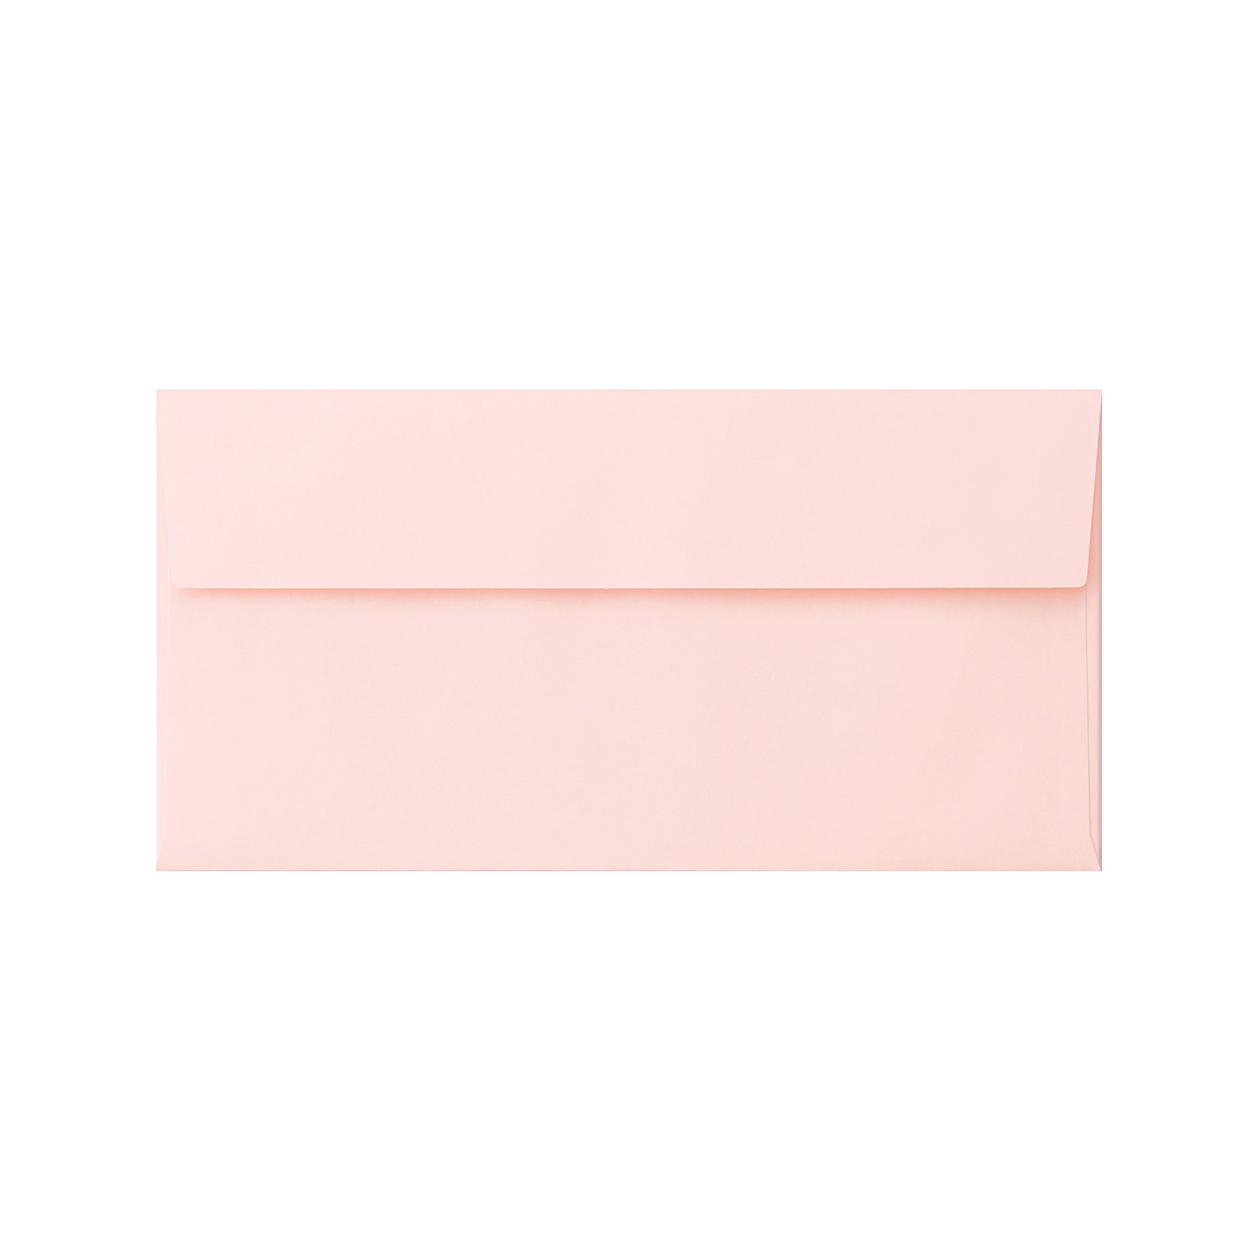 長3カマス封筒 エコフレンドリーカラー さくらピンク 100g